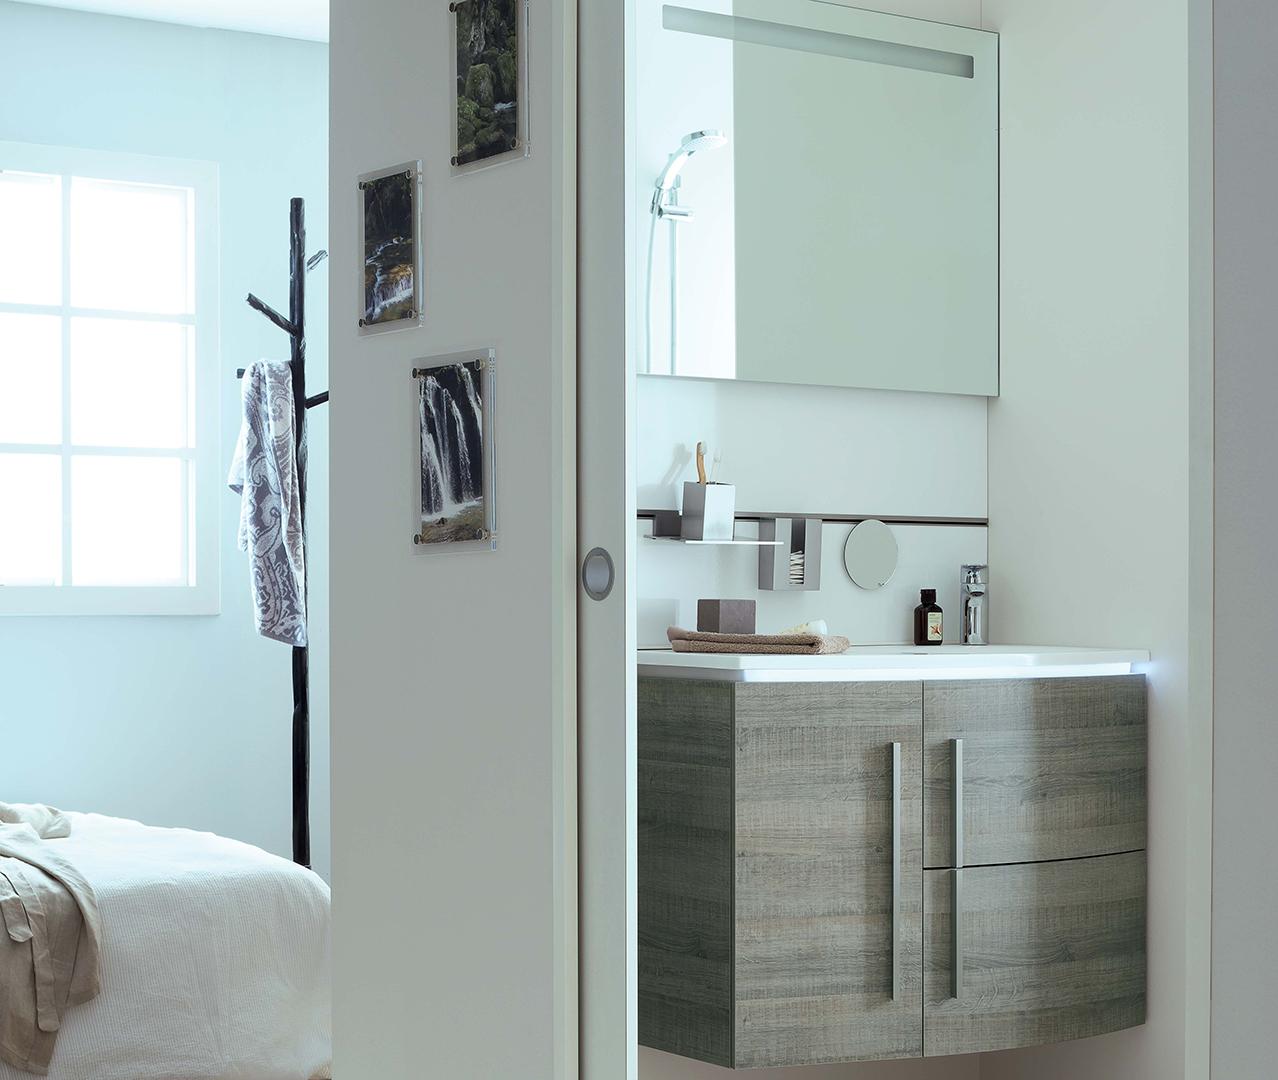 Gamme soon meuble salle de bain original sanijura - Meuble original salle de bain ...